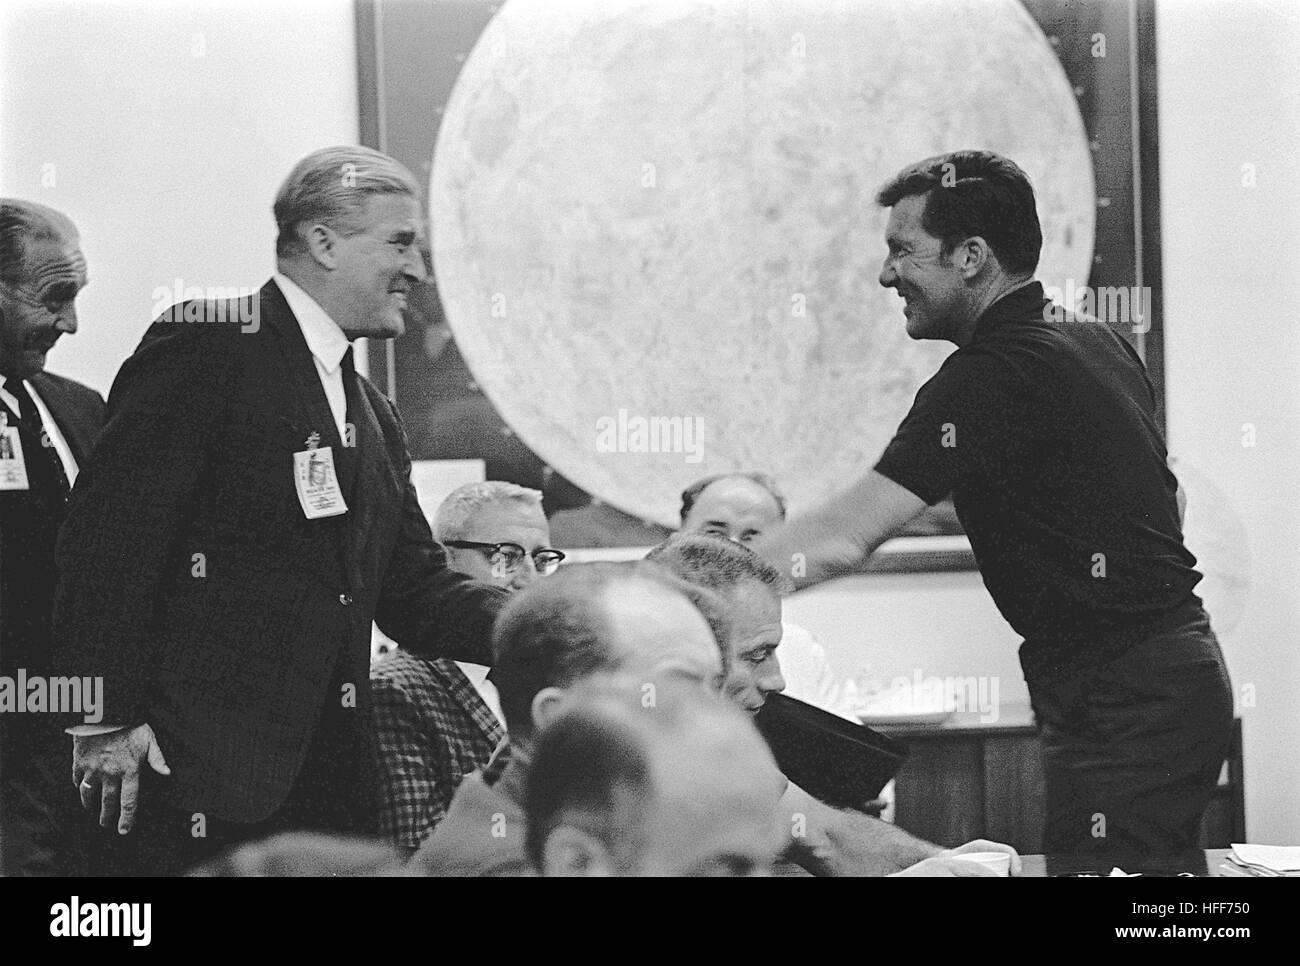 Wally Schirra begrüßt Dr. Wernher von Braun 000979 Stockfoto